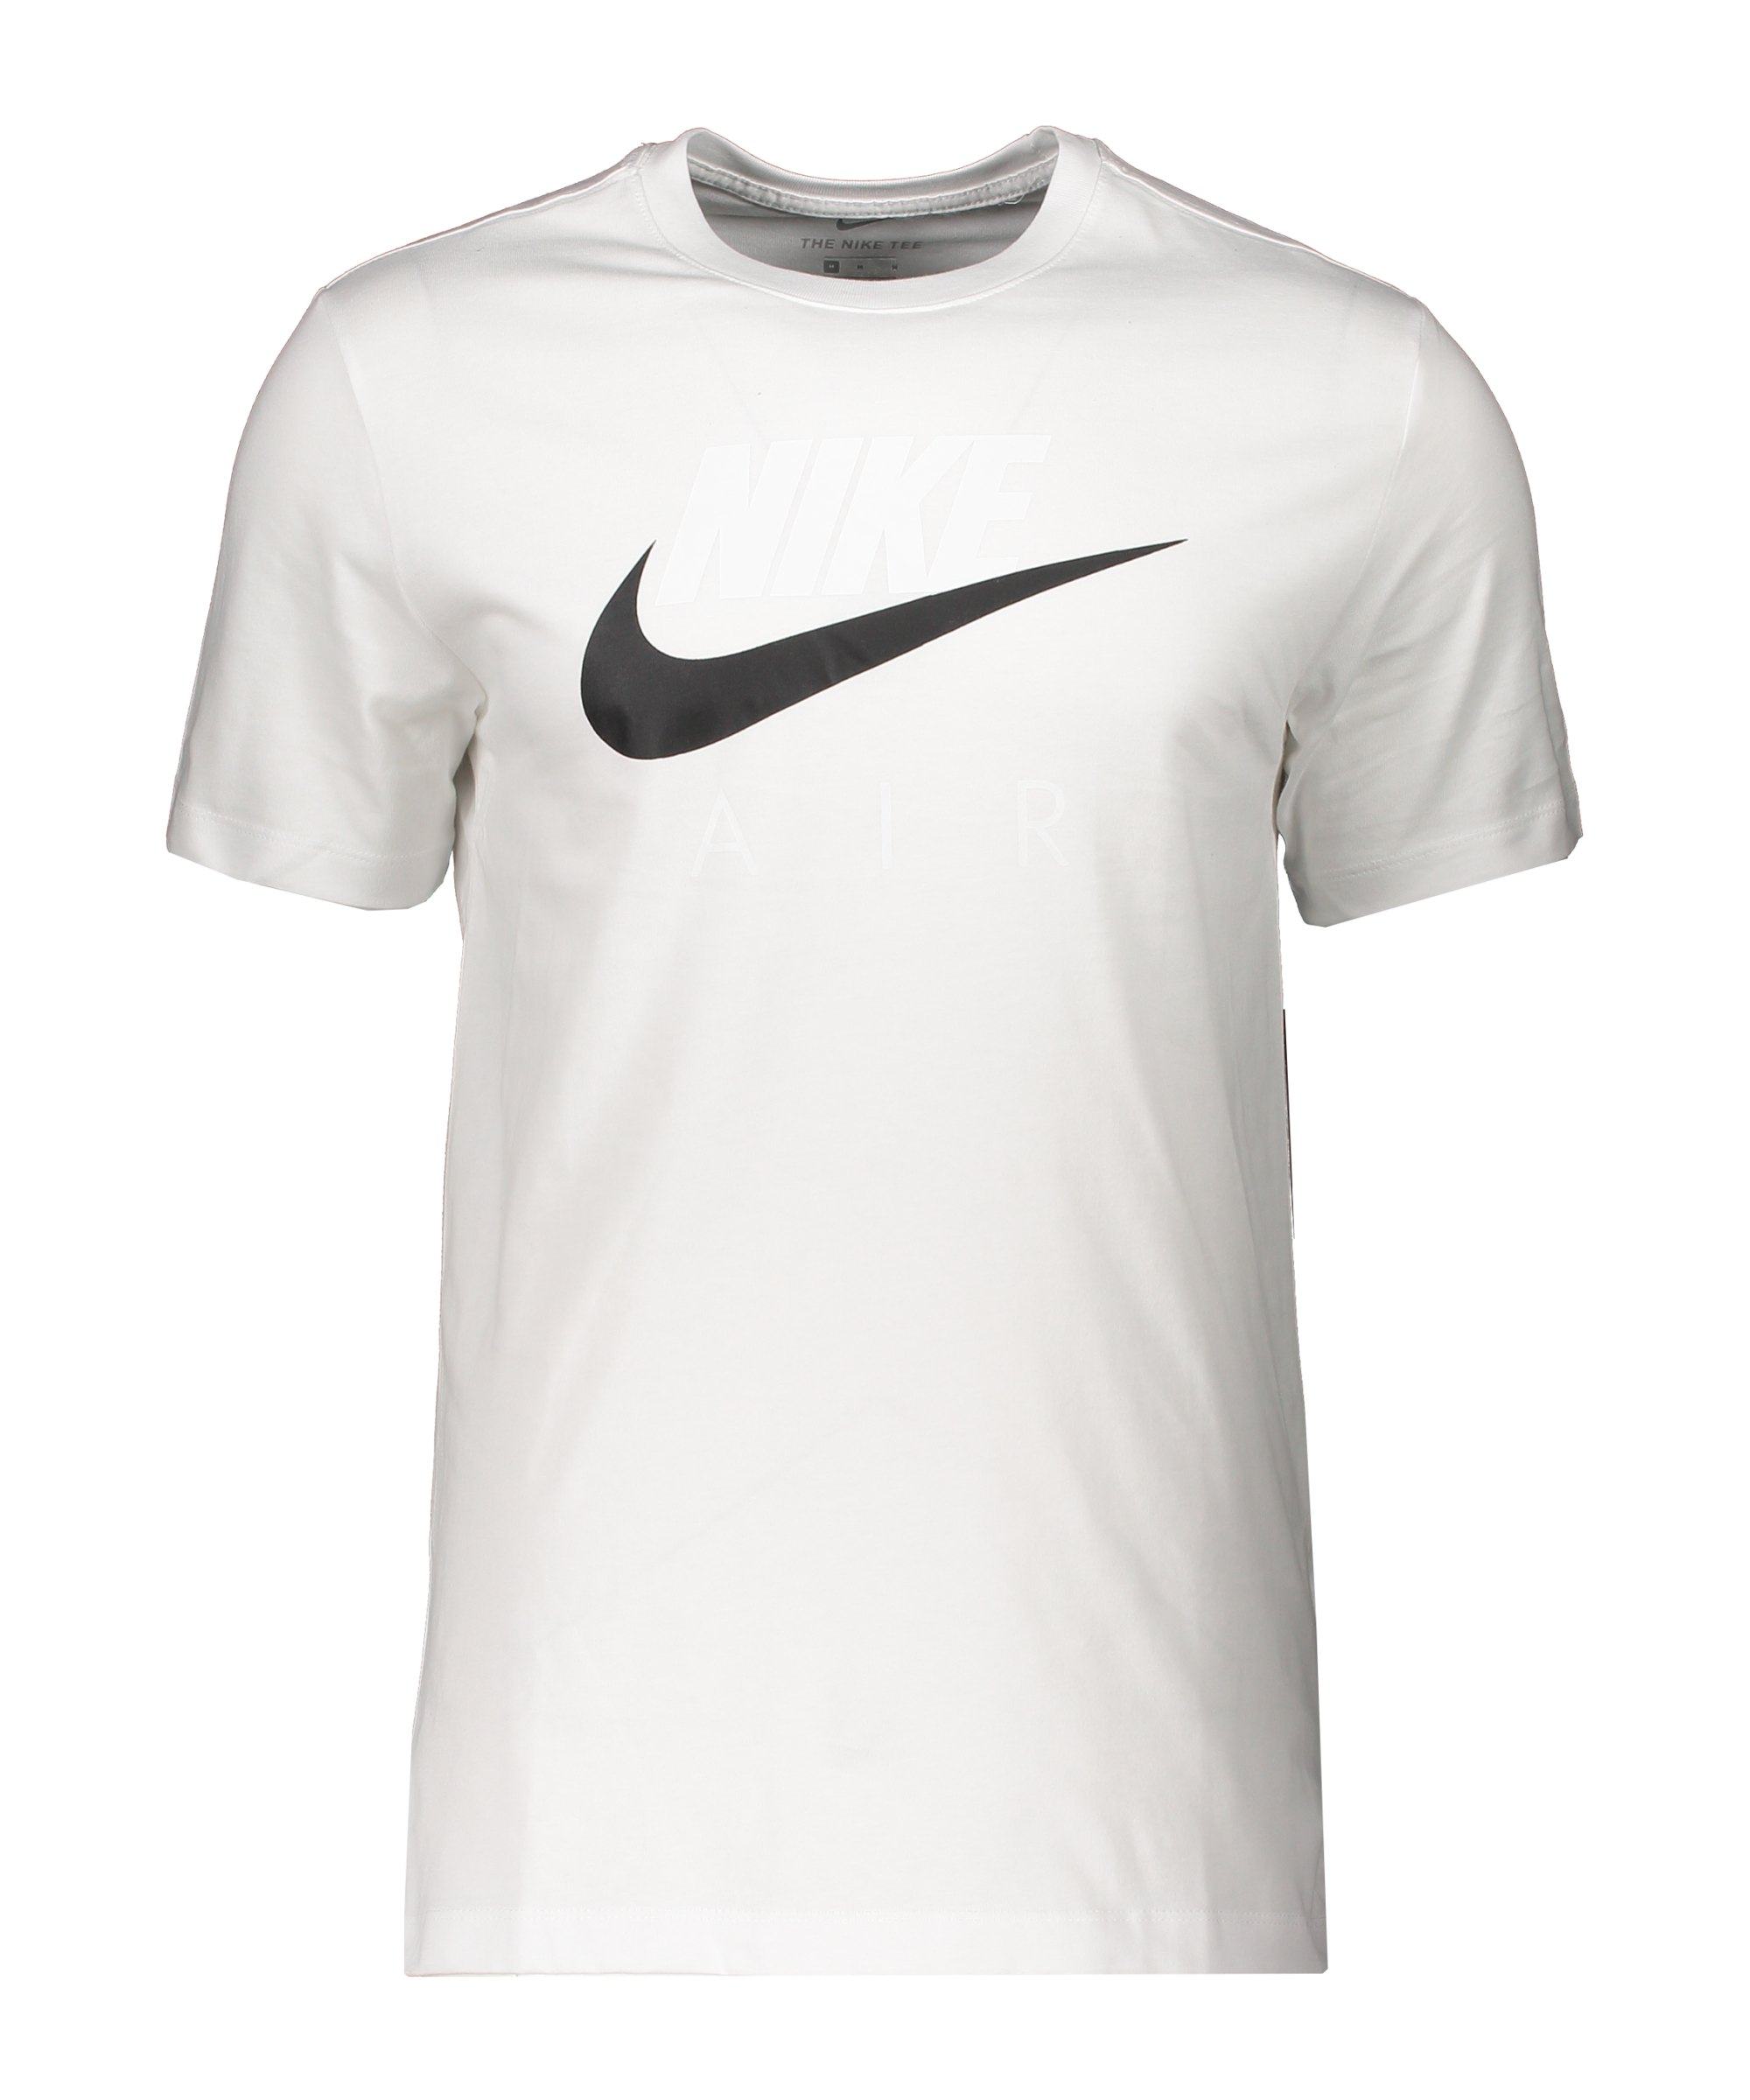 Nike Air HBR 2 T-Shirt Weiss F100 - weiss